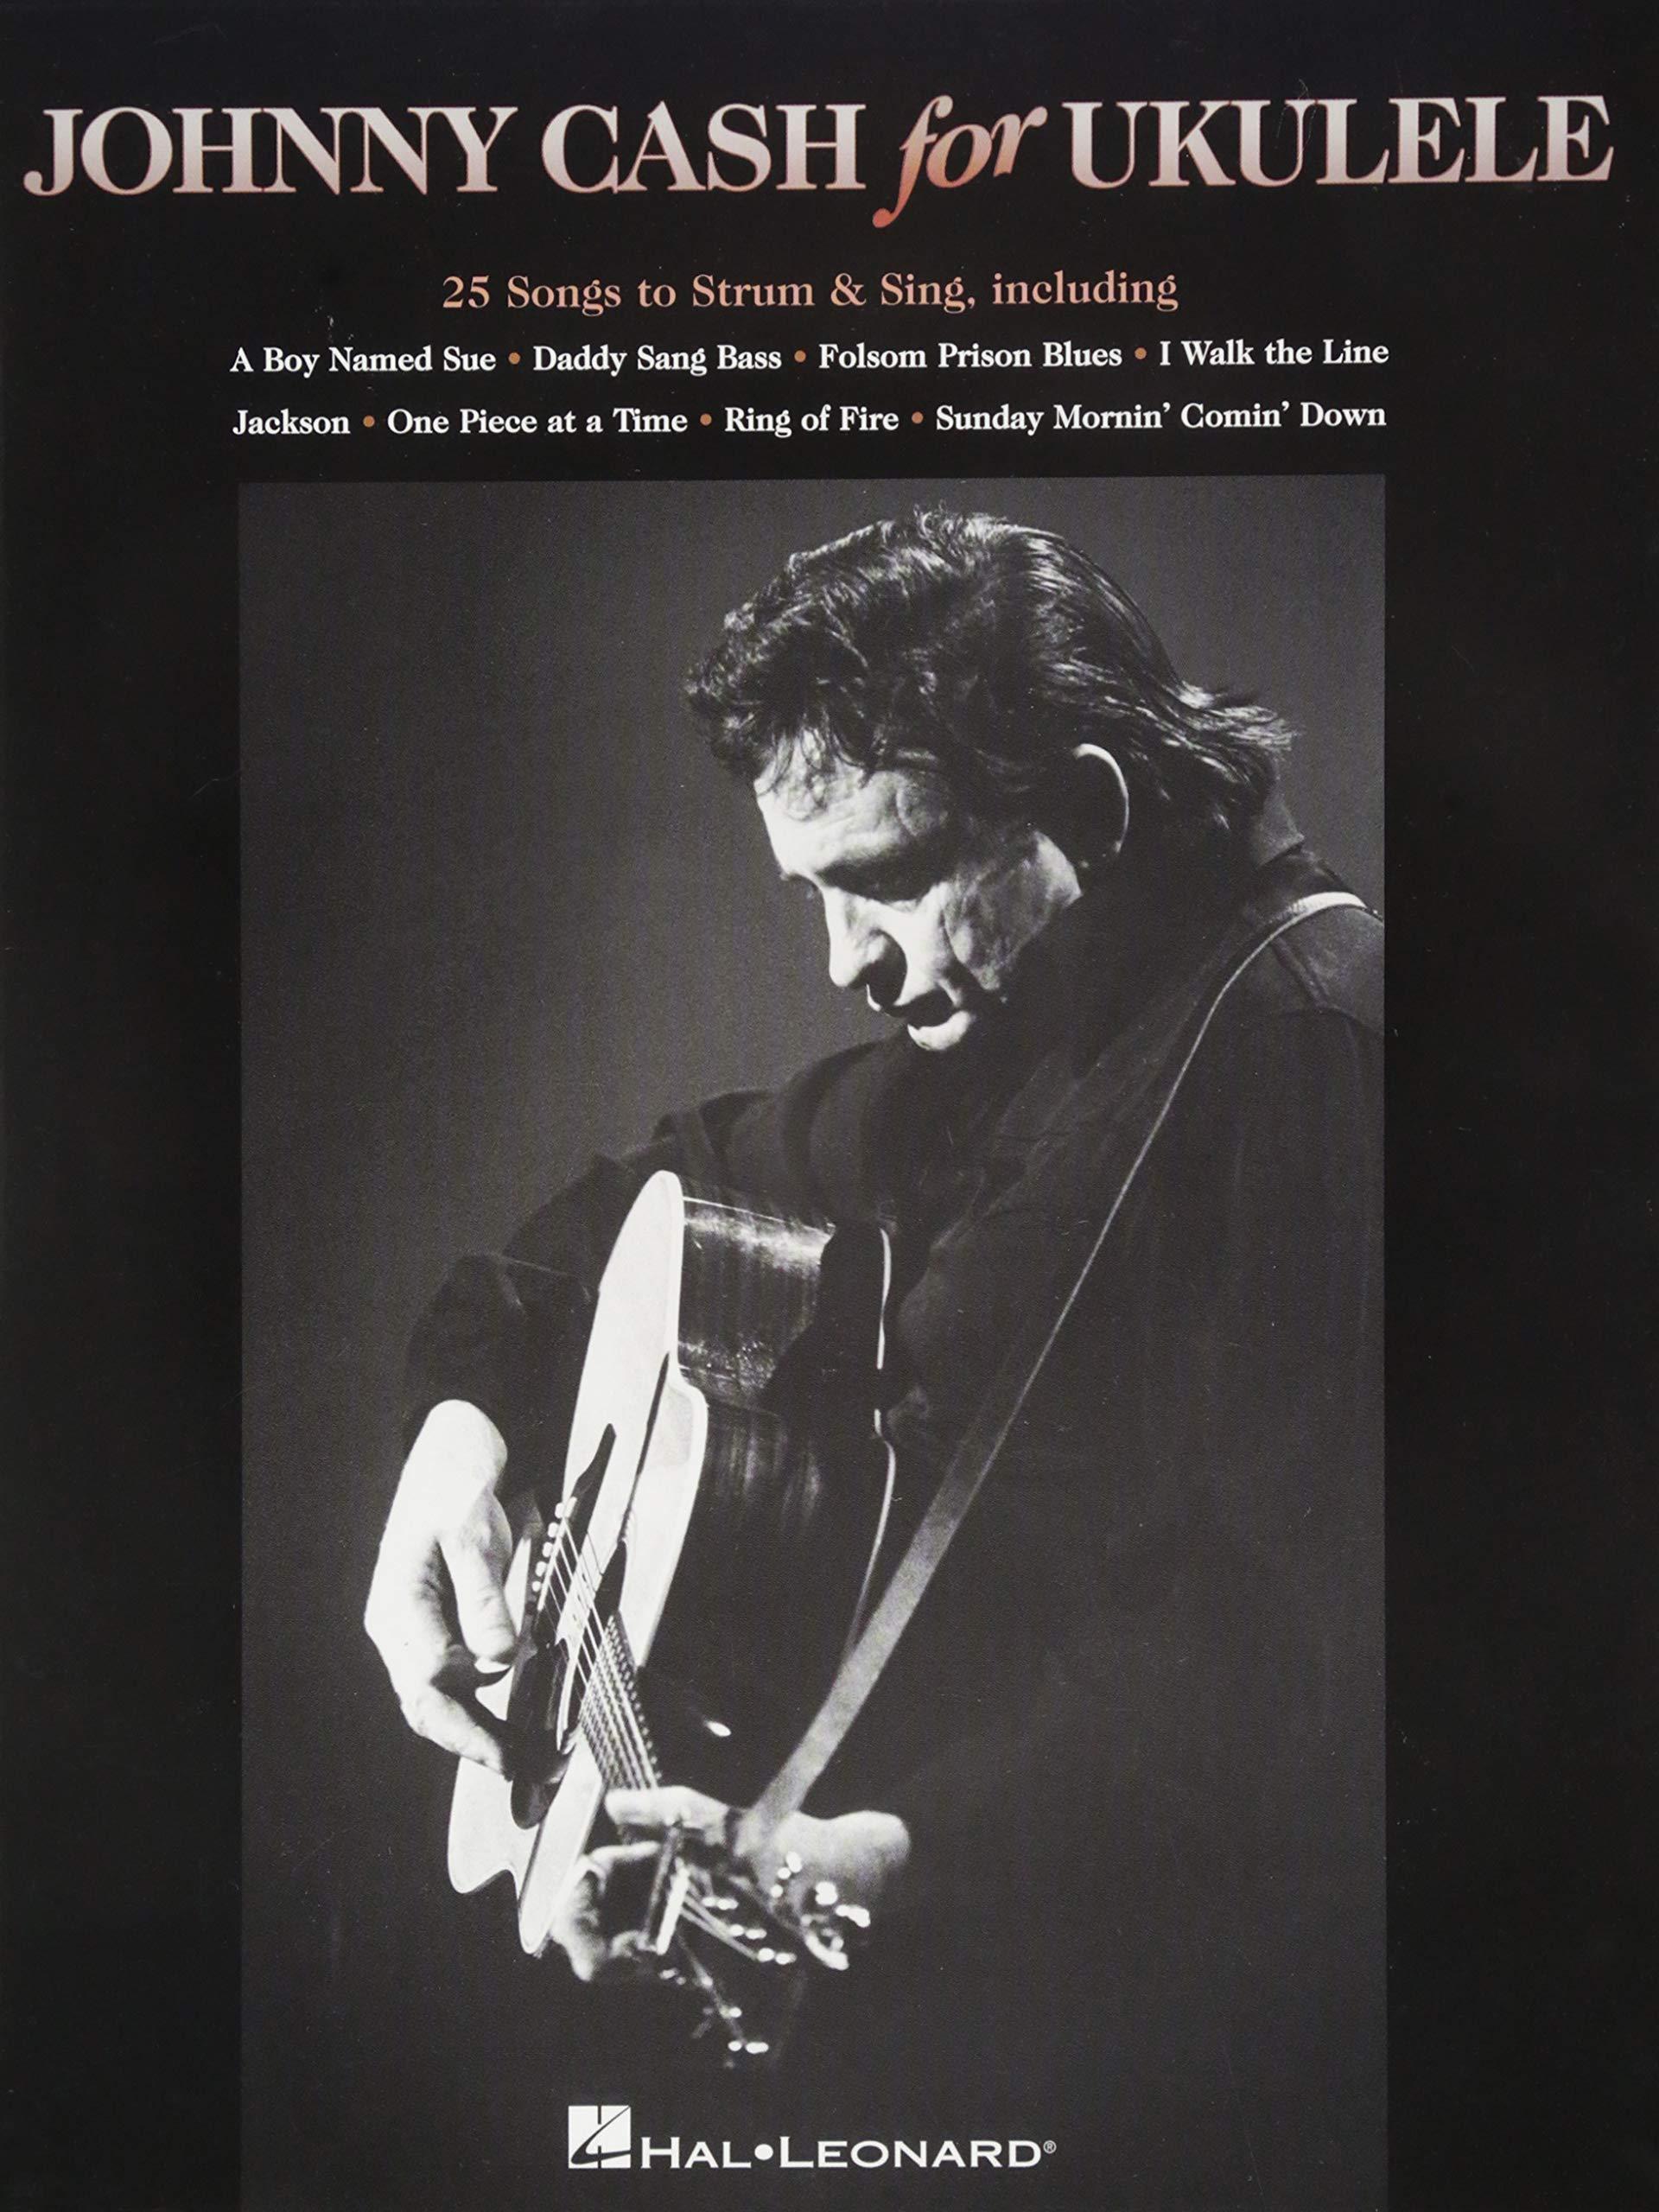 Amazoncom Johnny Cash For Ukulele 25 Songs To Strum